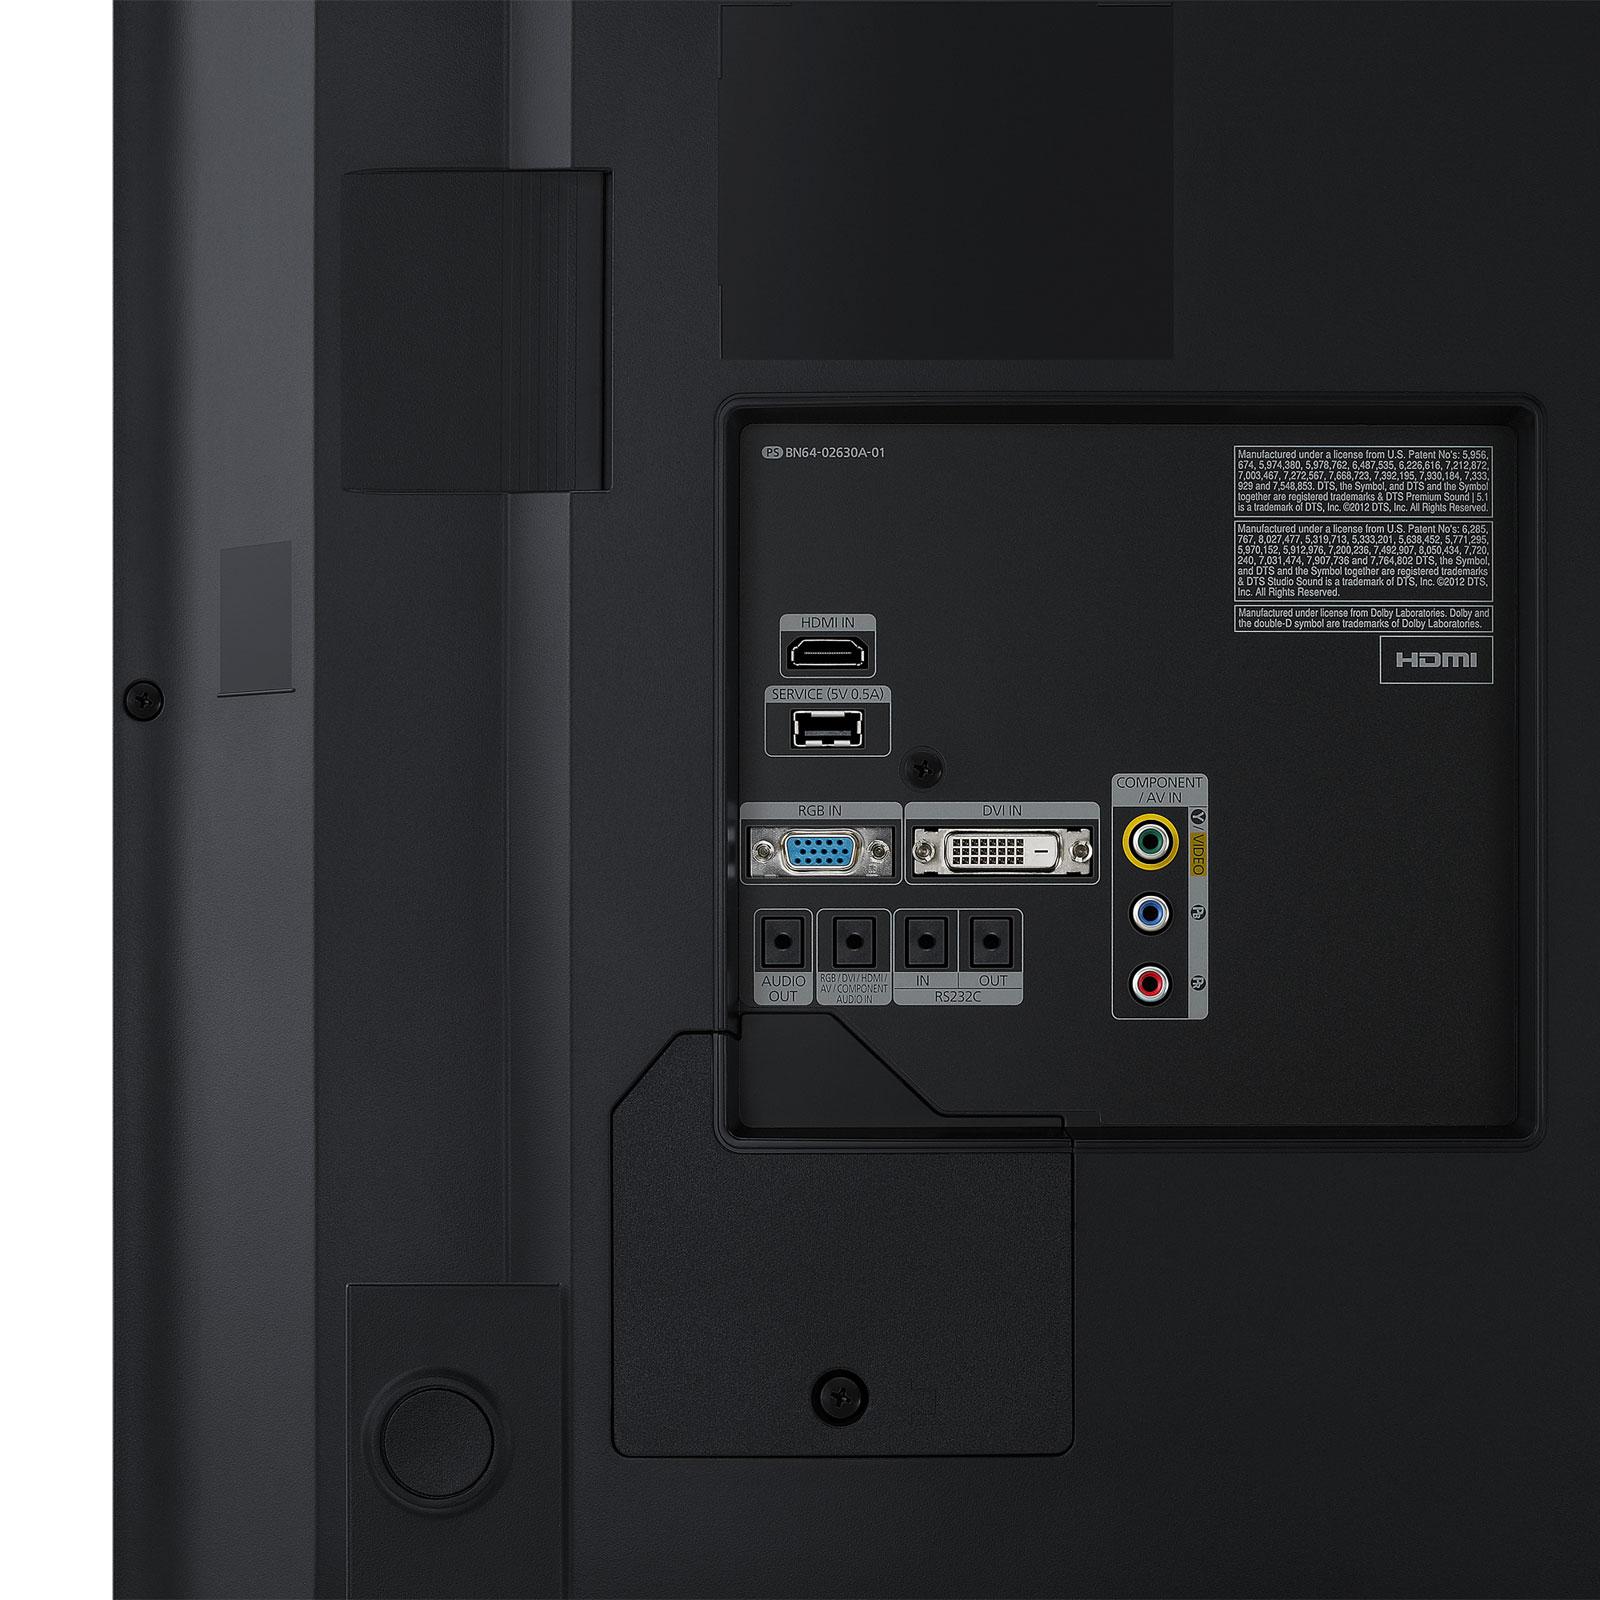 Samsung 65 led ed65d ecran dynamique samsung sur for Samsung photo ecran